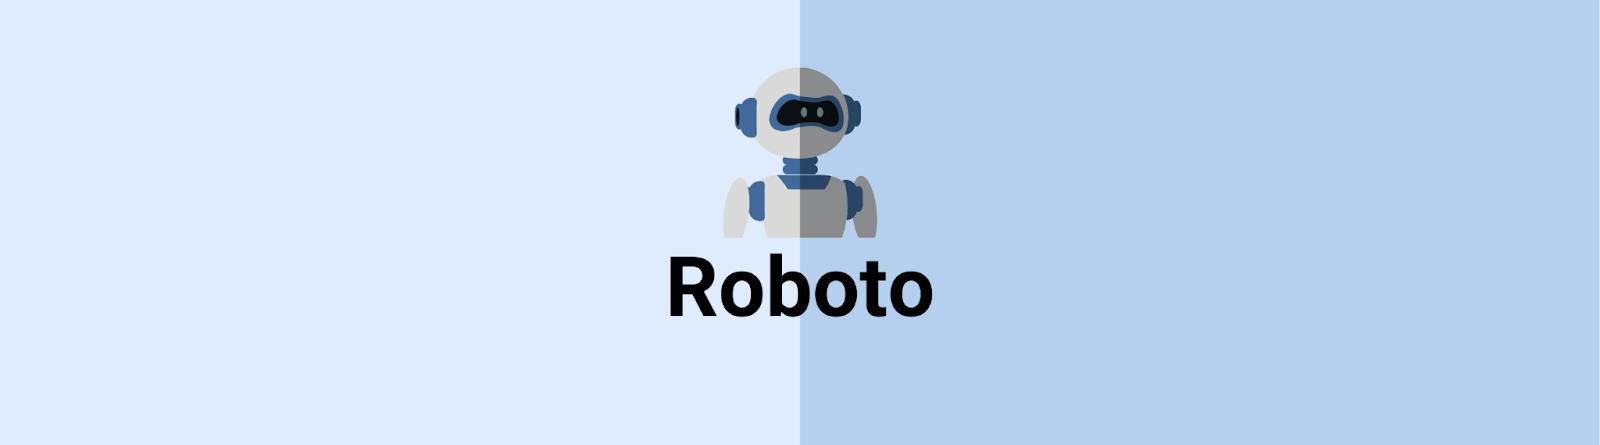 Robots email design font